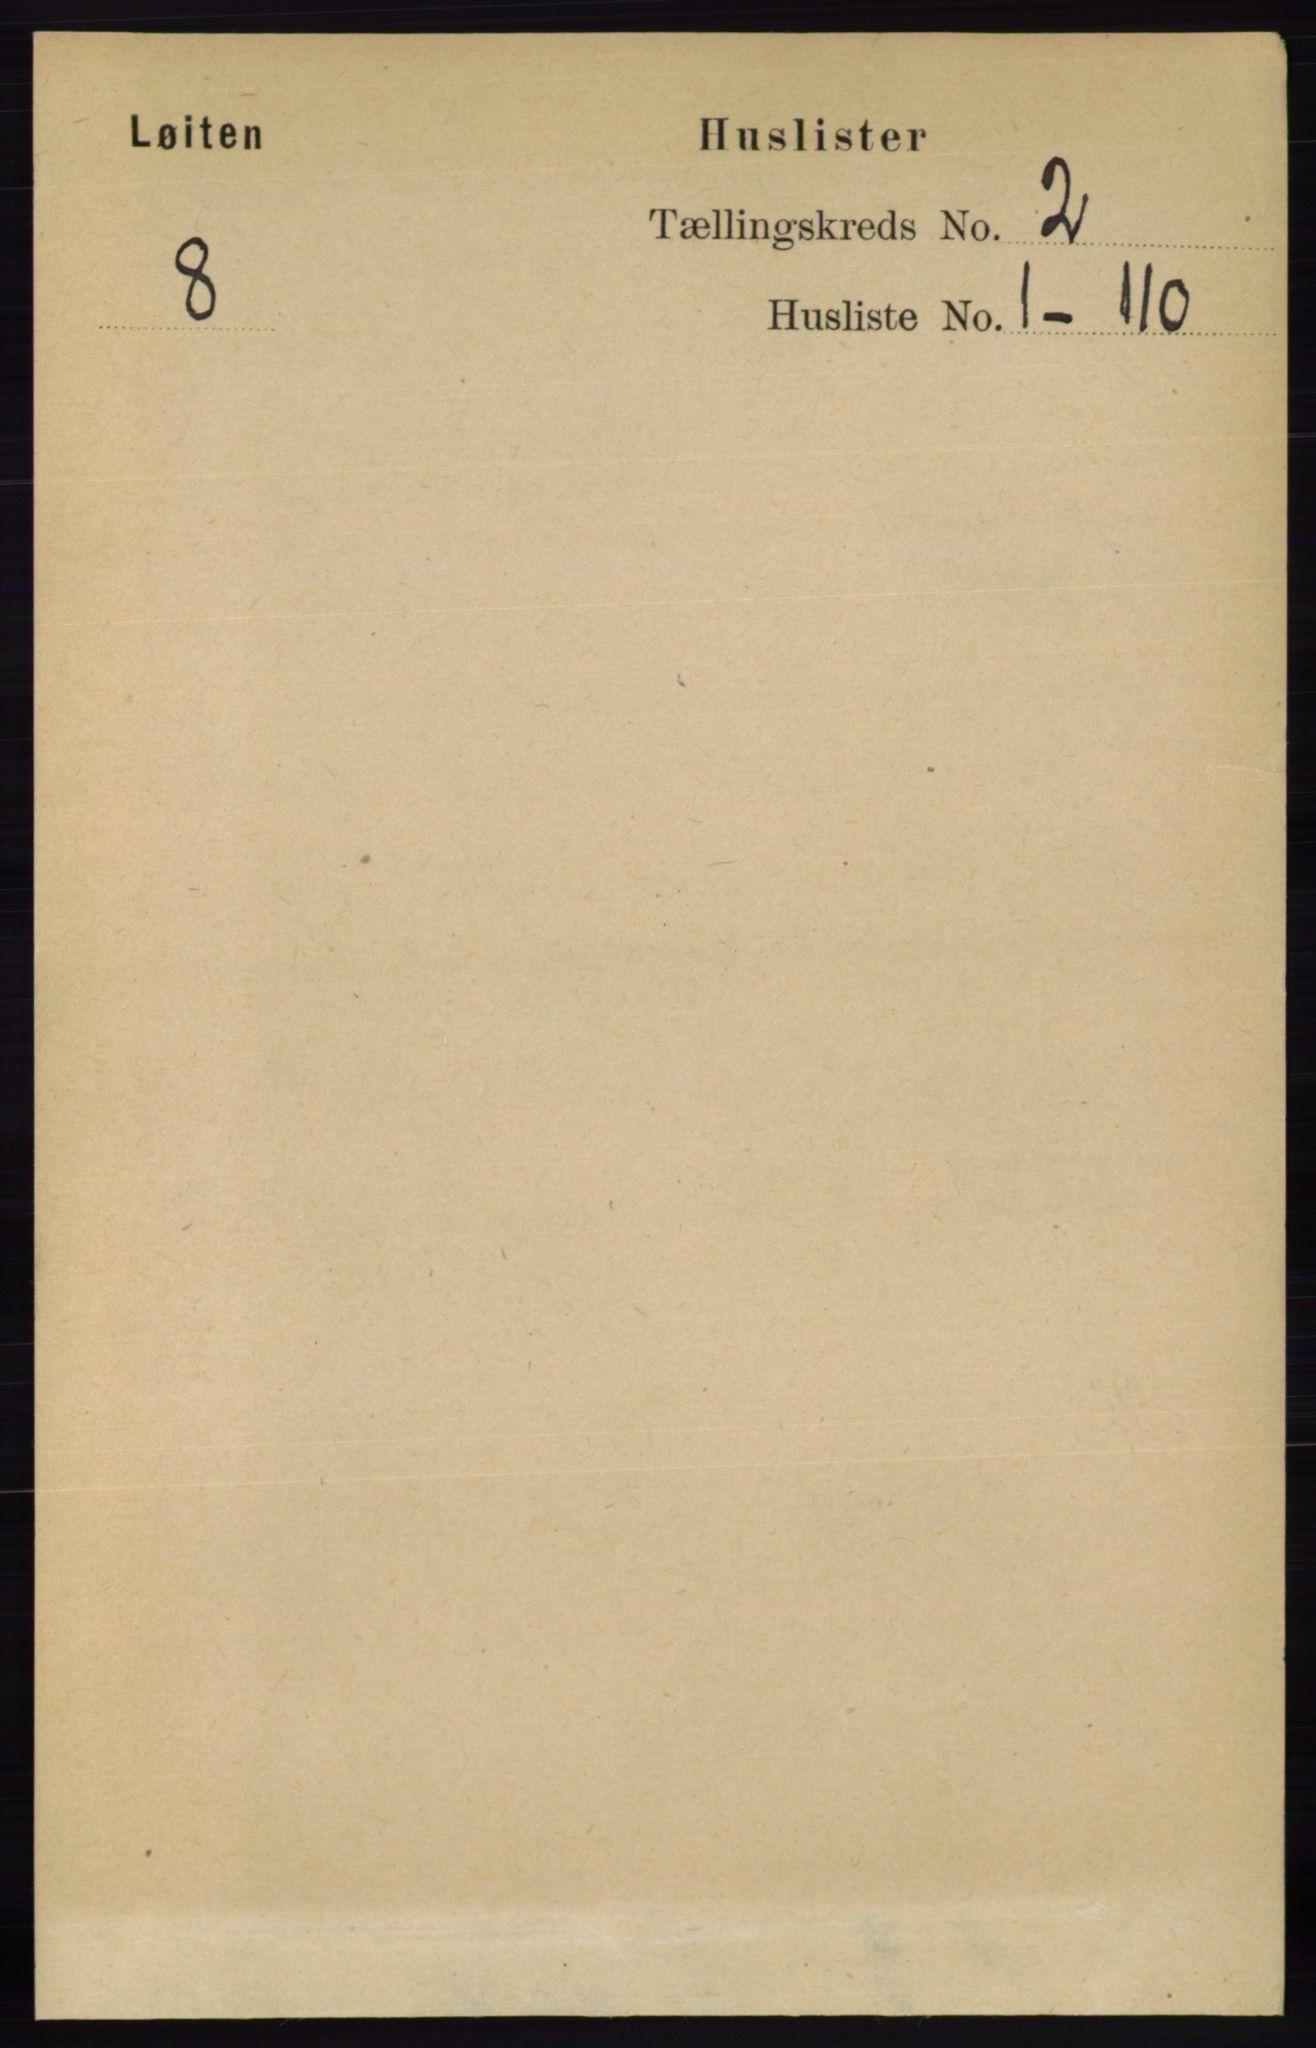 RA, Folketelling 1891 for 0415 Løten herred, 1891, s. 1372